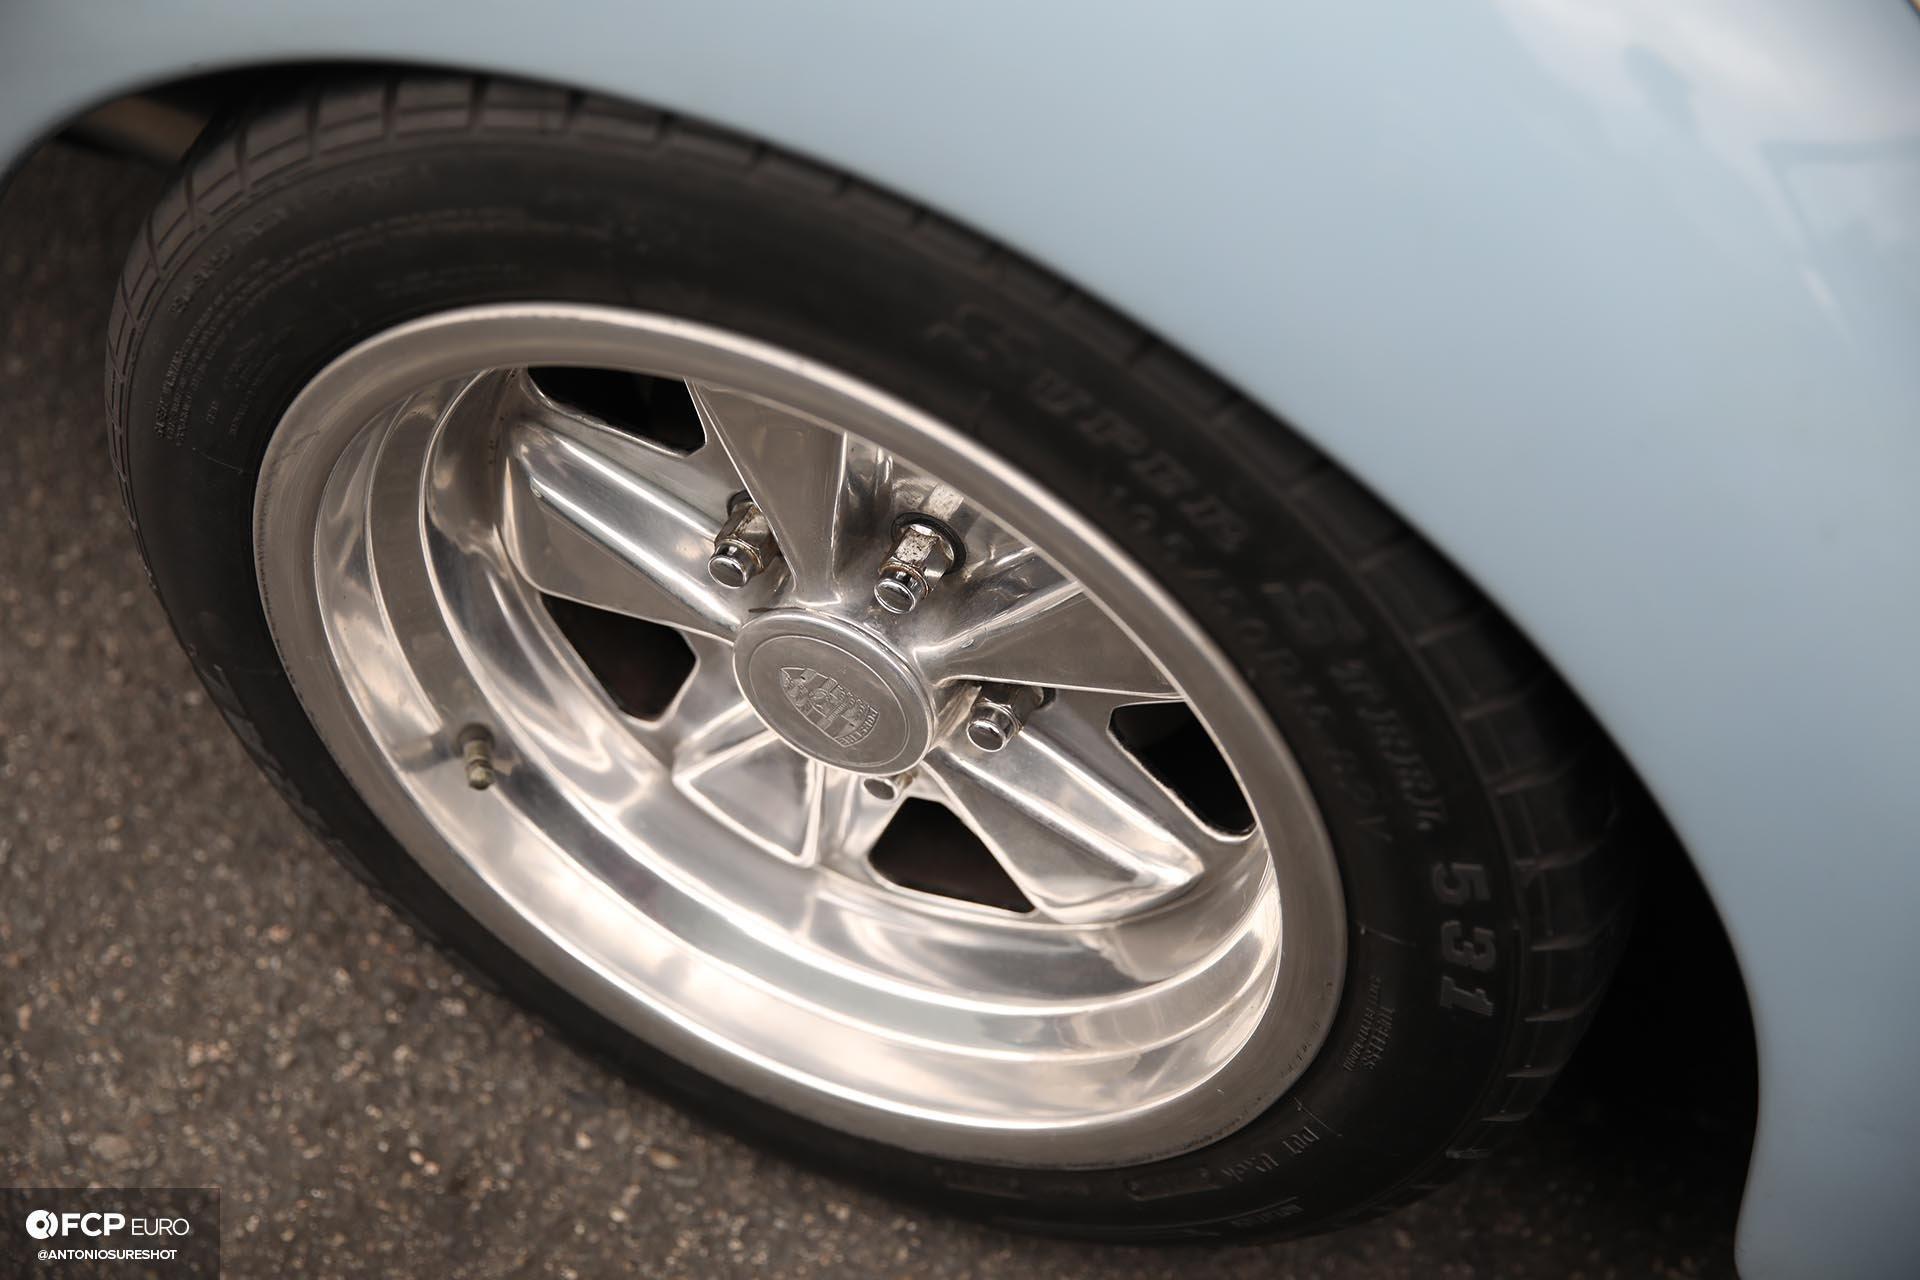 Volkswagen Beetle Fuchs Wheels Closeup